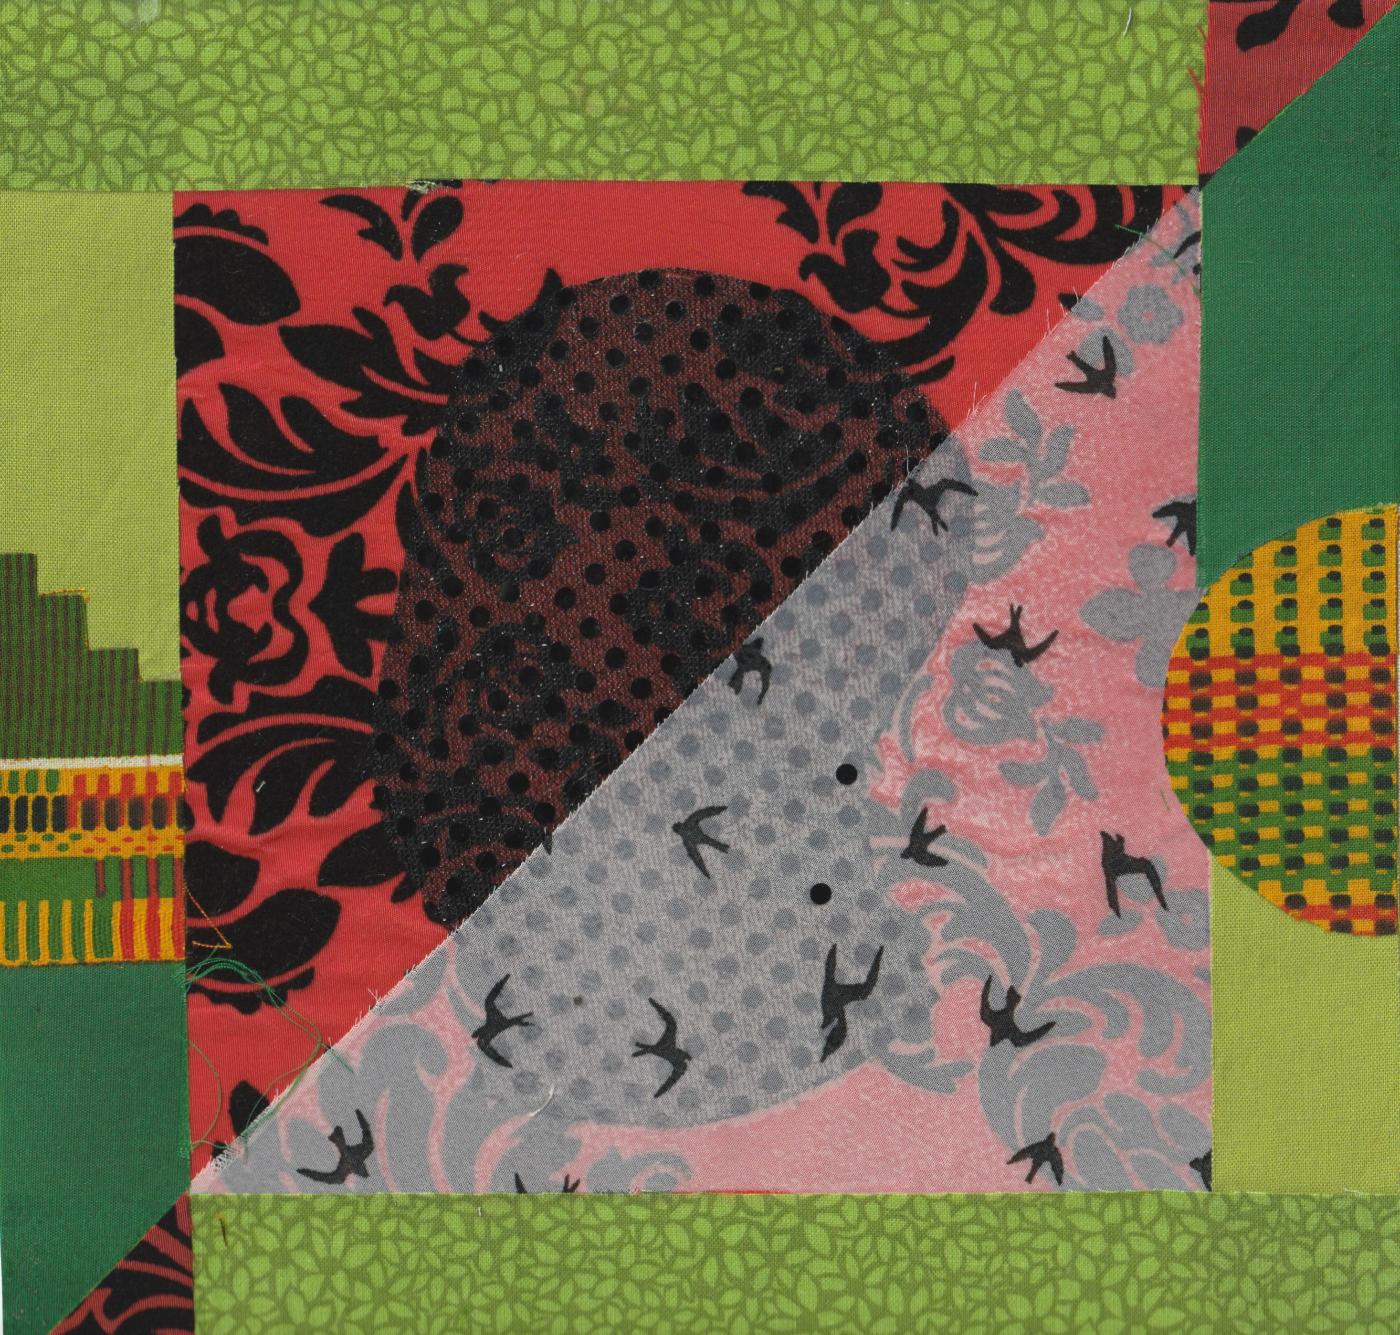 Drék Davis, Two For Ogoun (Fertile Ground), Mixed Media Collage, 2020